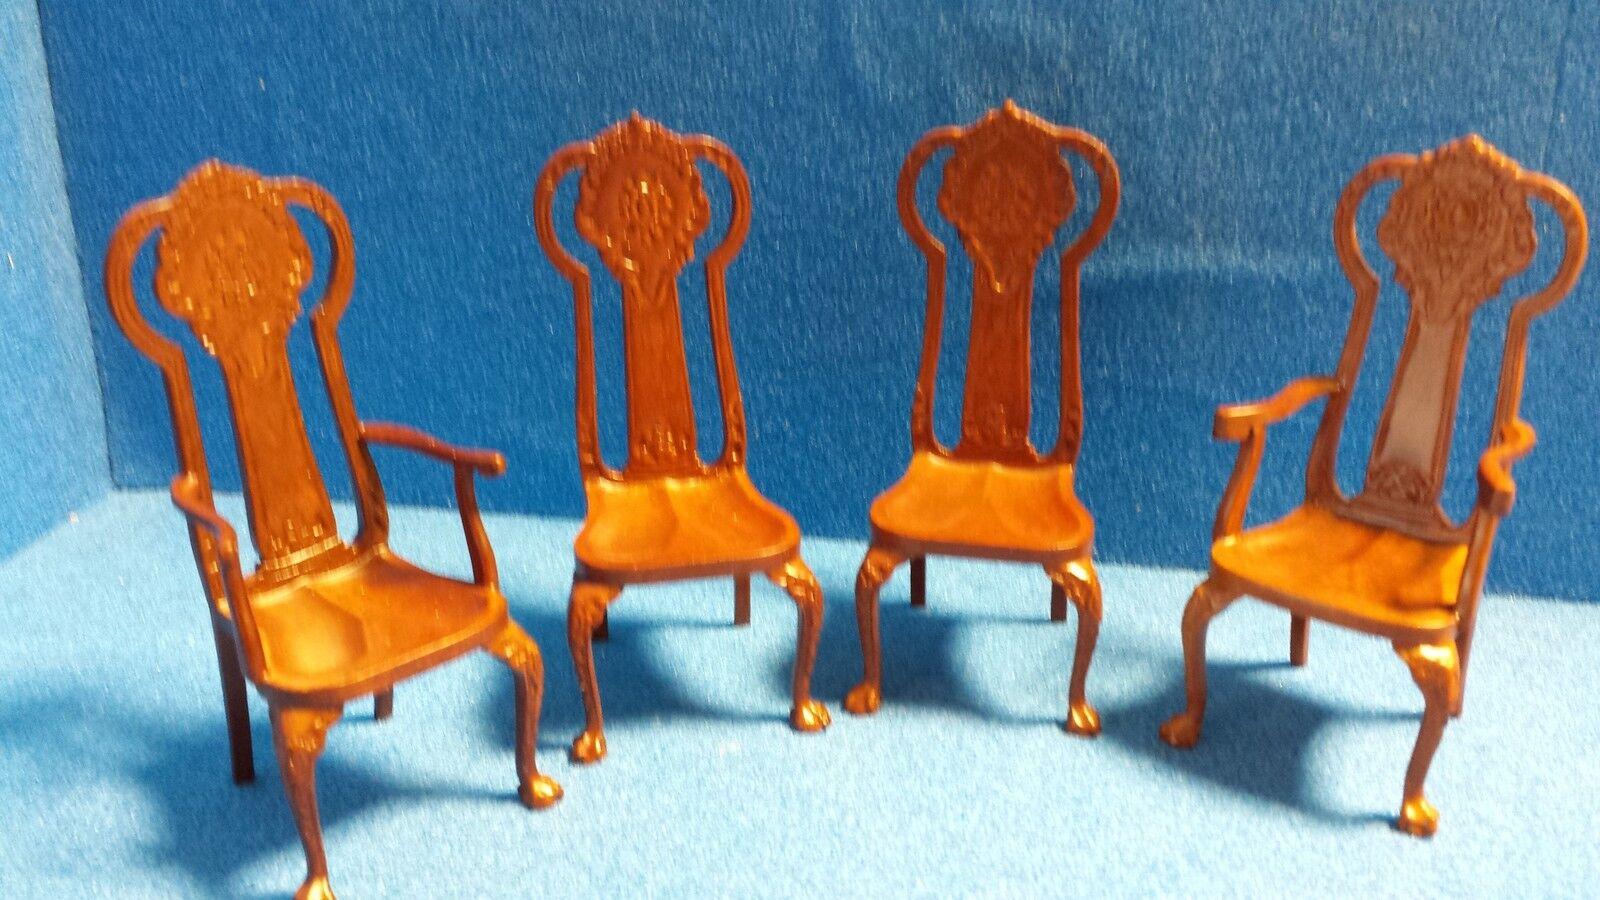 1/12 1/12 1/12 scale maison de poupées meubles de qualité table & 4 chaises set dhd06020set 5d3da1